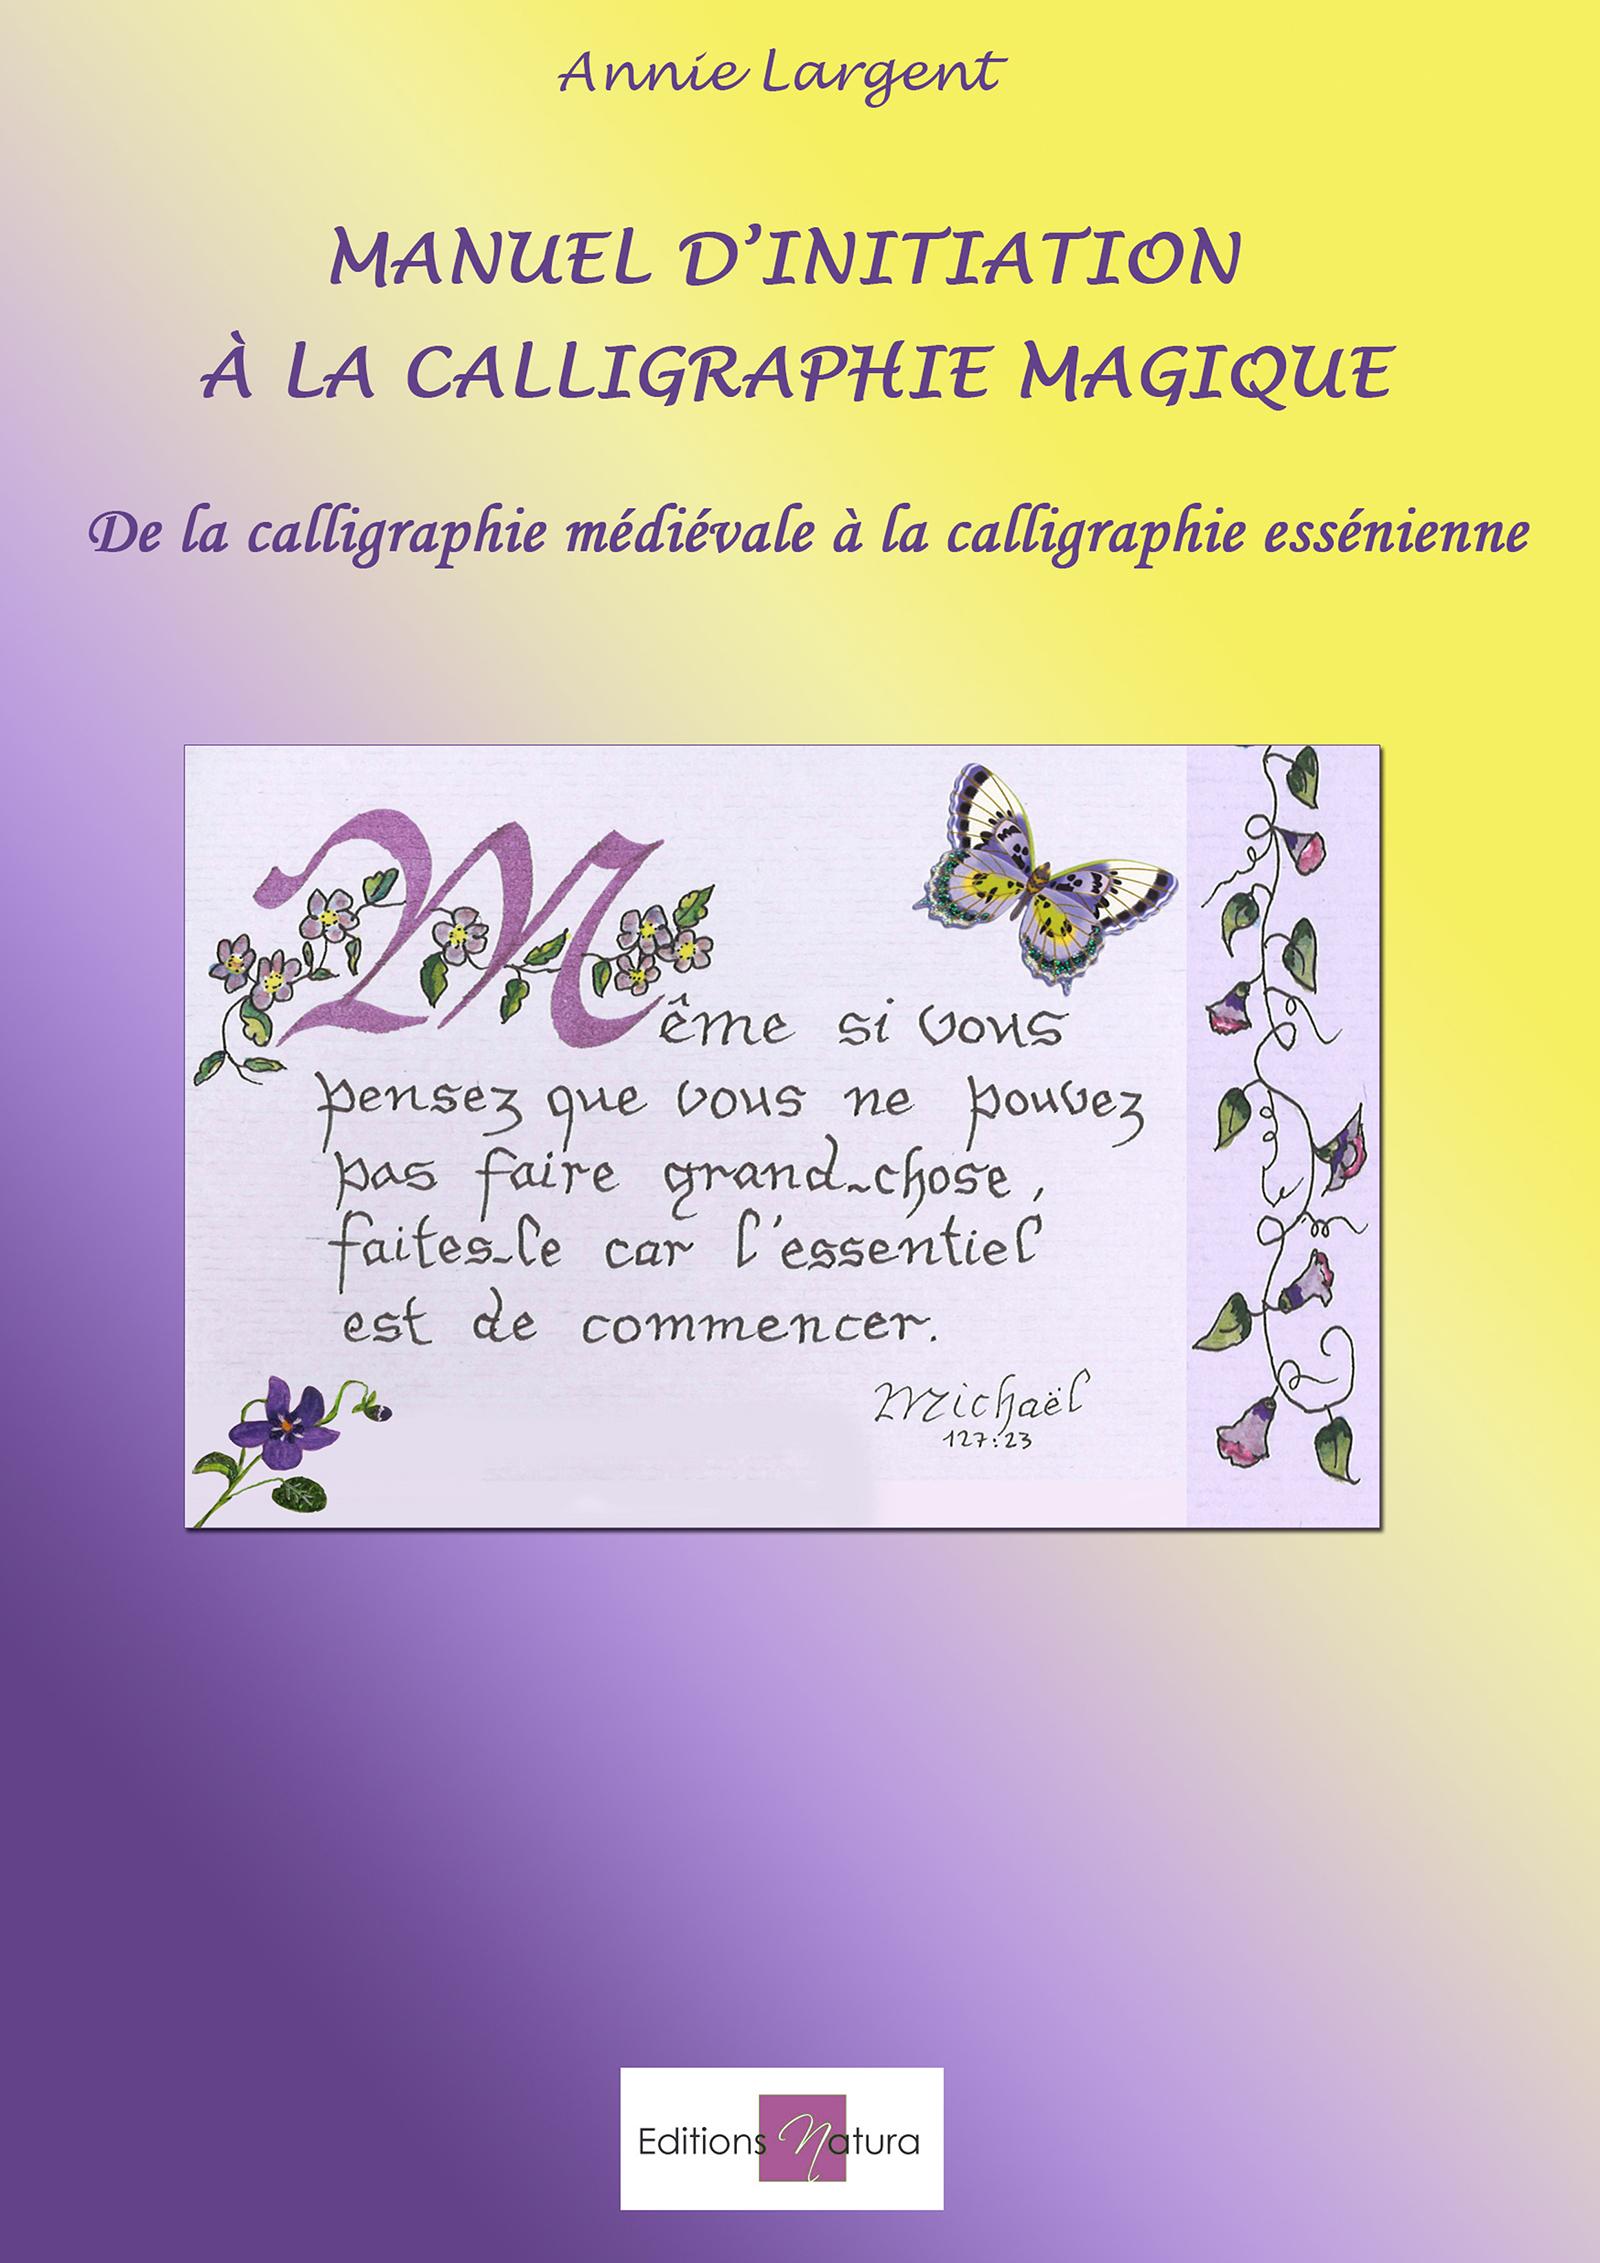 Manuel d'initiation à la calligraphie magique